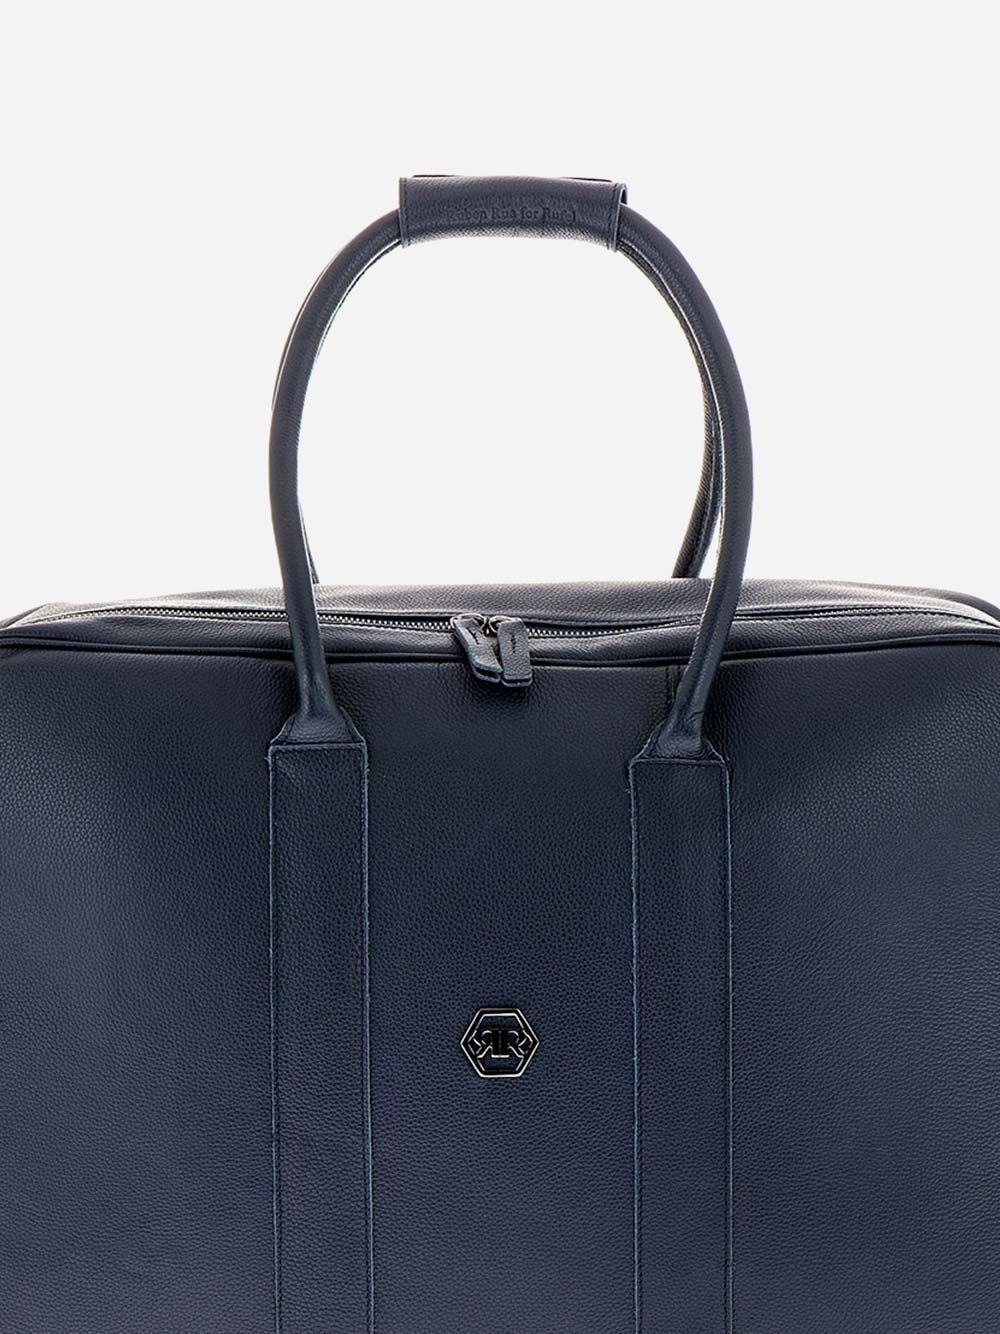 Blue Weekend Bag   Rufel